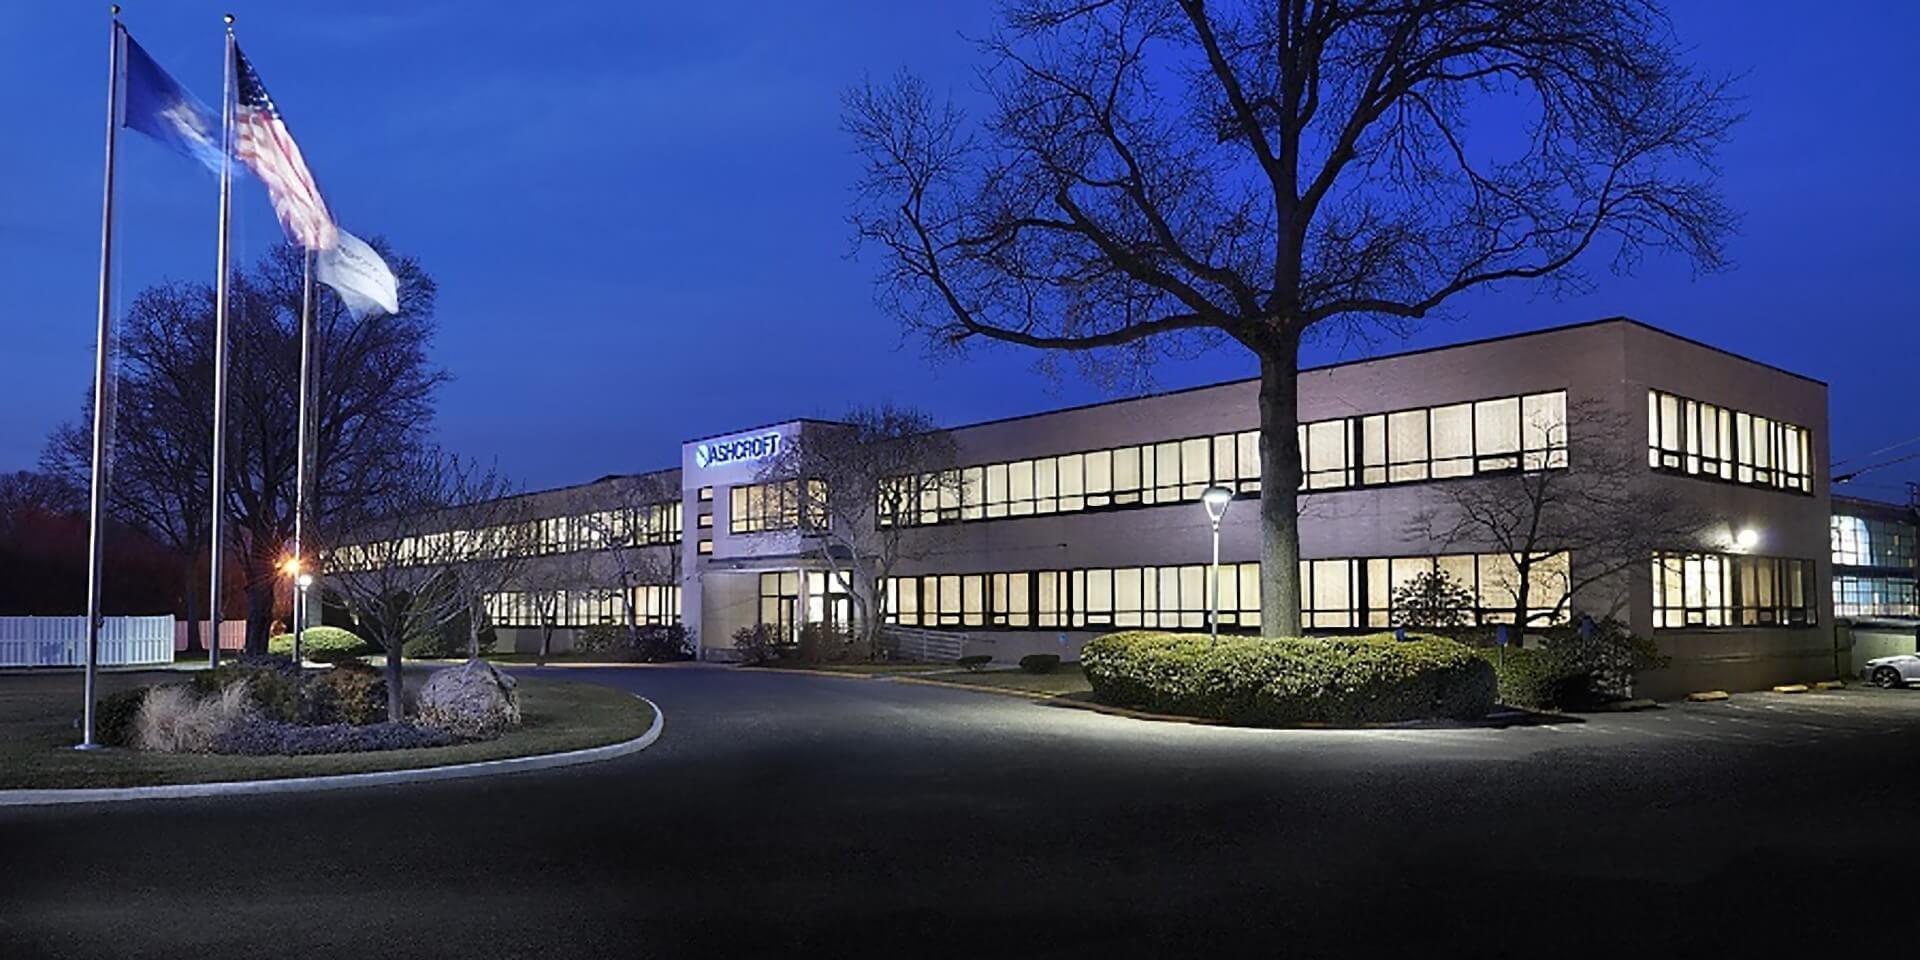 Ashcroft edificio